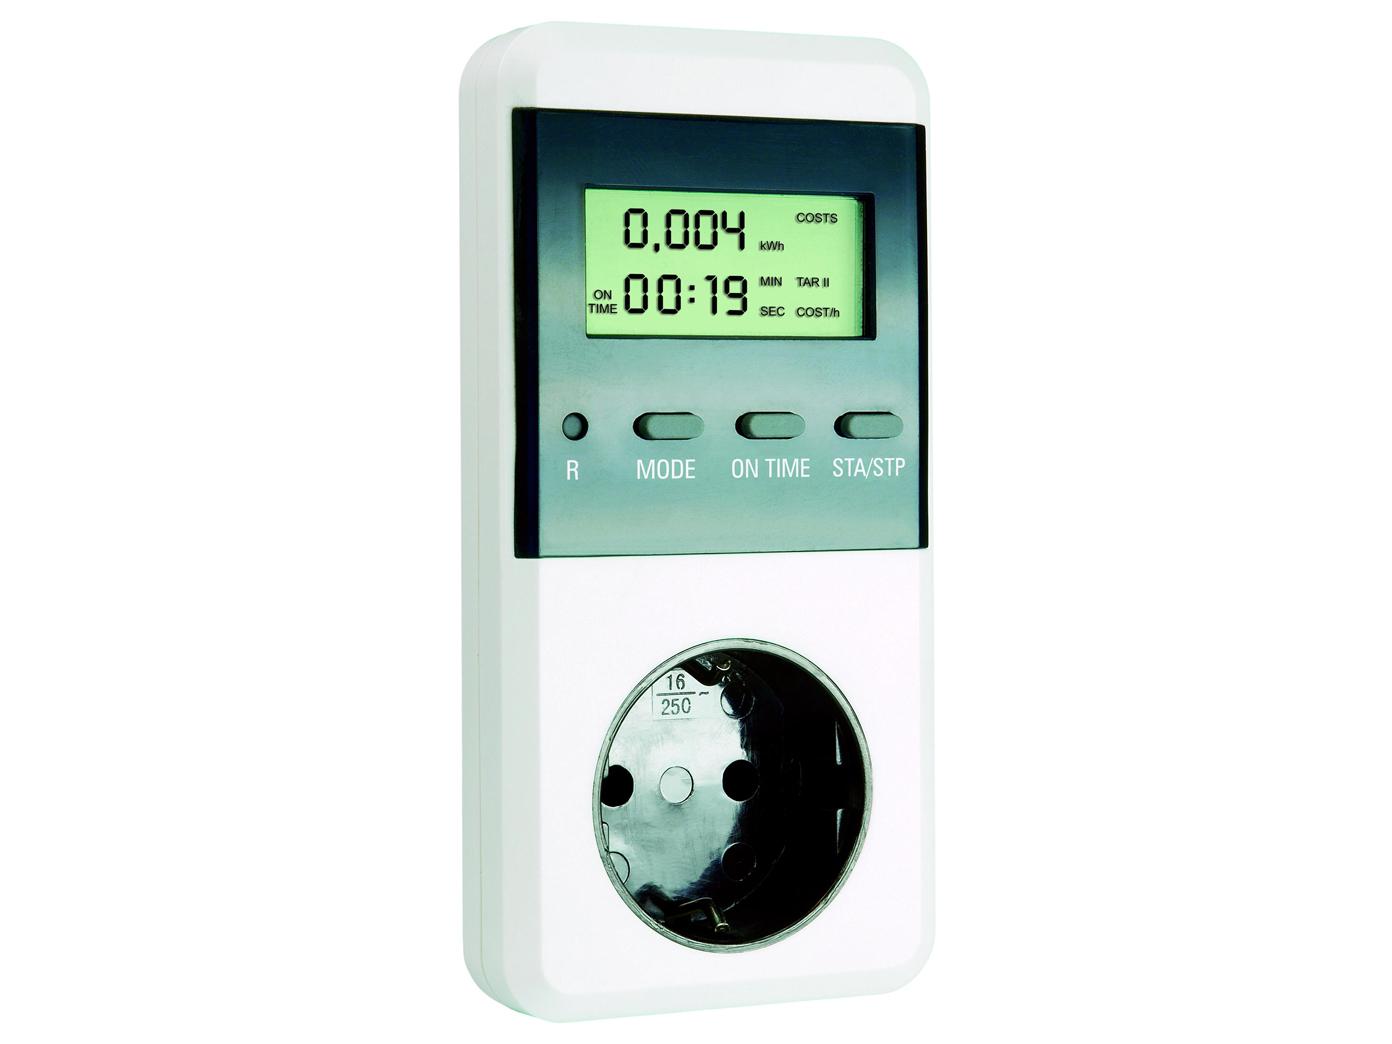 Stromkostenberechnung Energiekosten-Meßgerät Höchst//Tiefstwerte